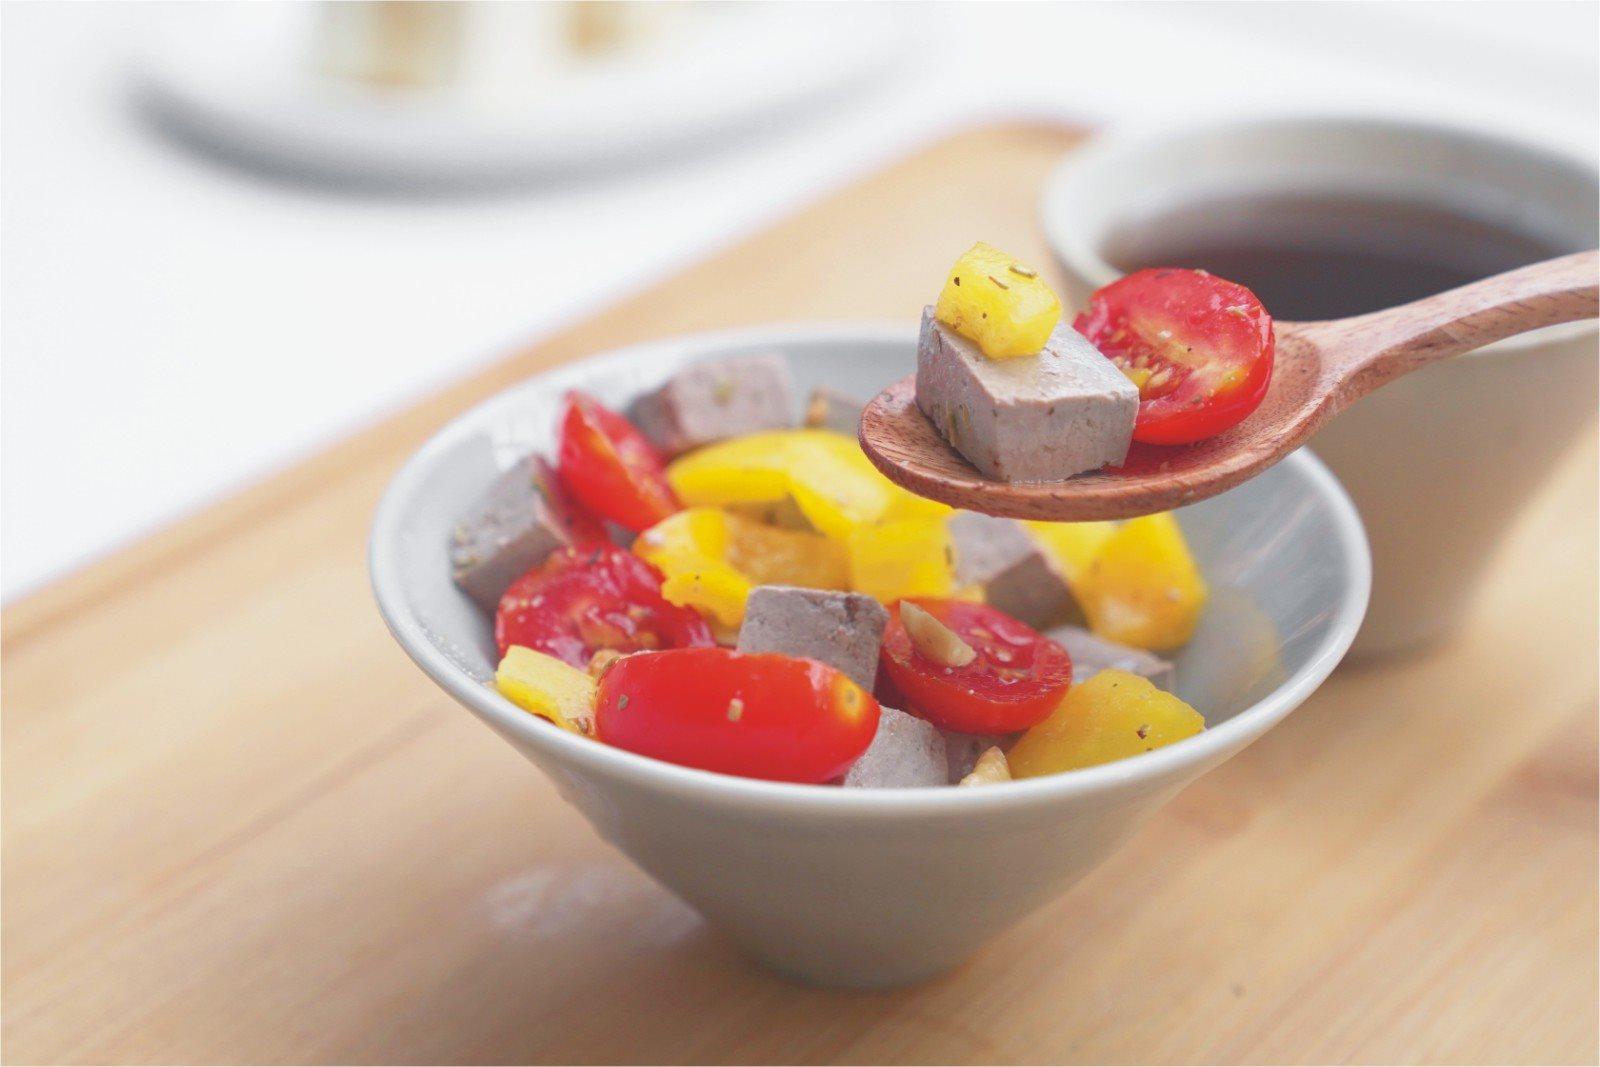 義式風味三色沙拉,色香味俱全的健康珠寶盒|禾乃川小廚房